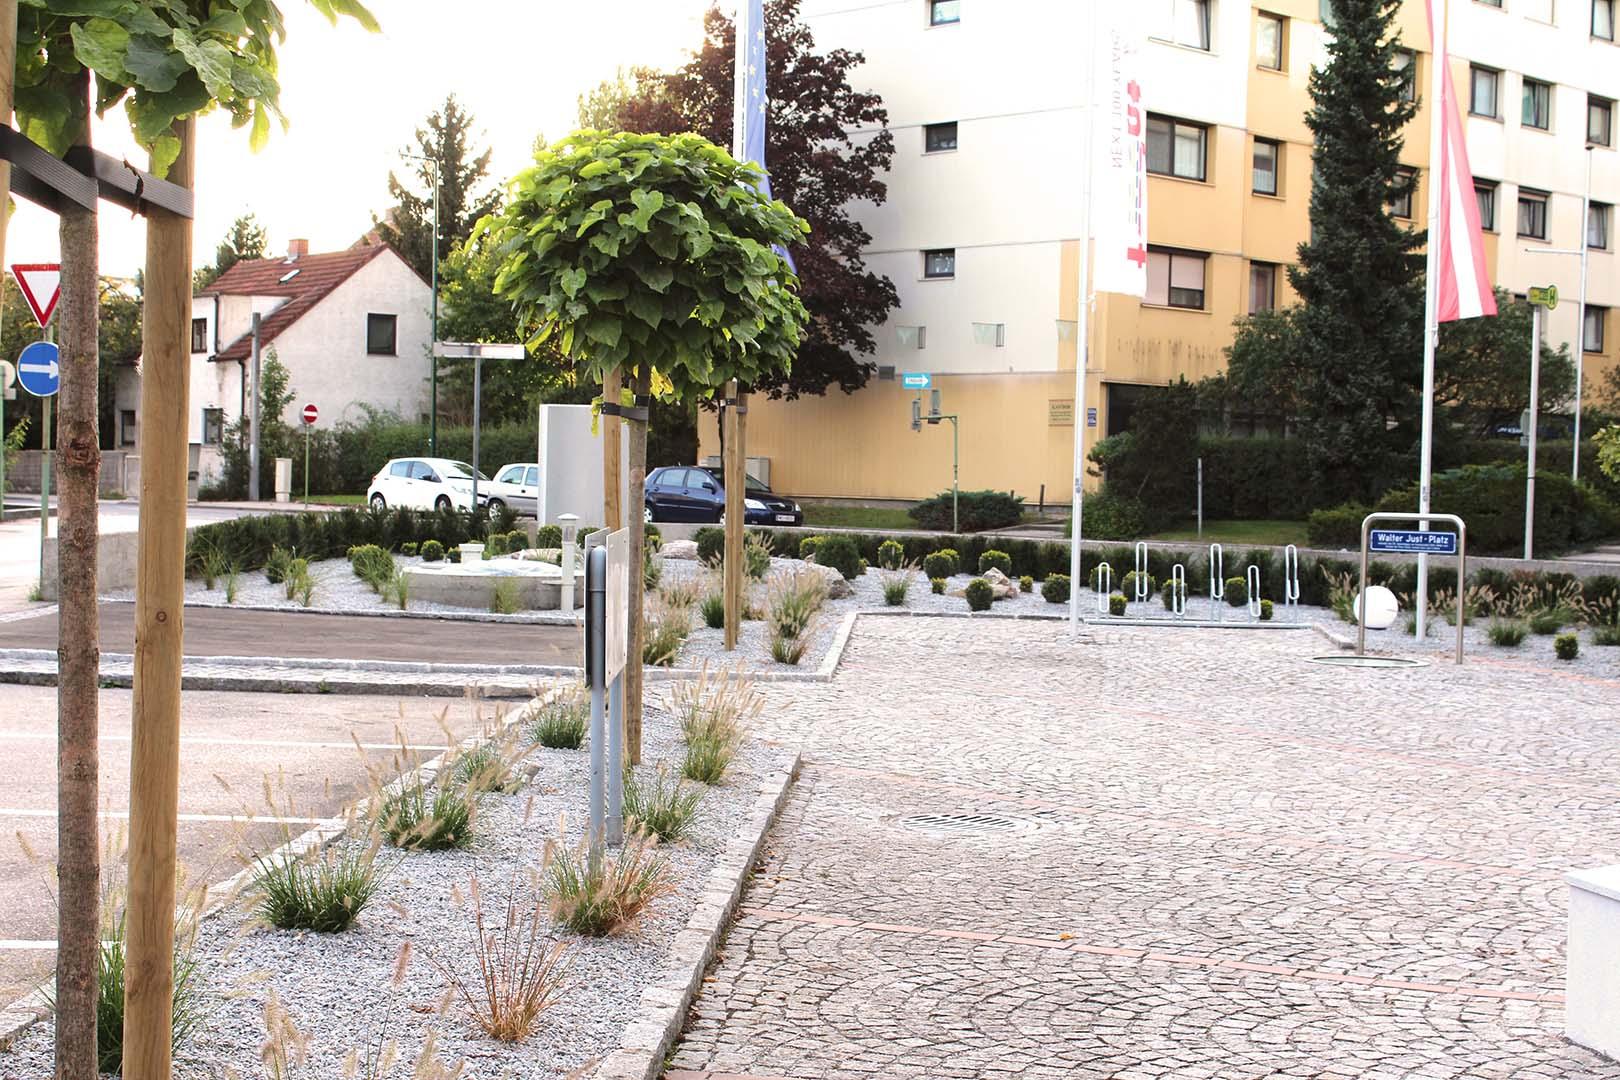 Gartengestaltung Parkplatz